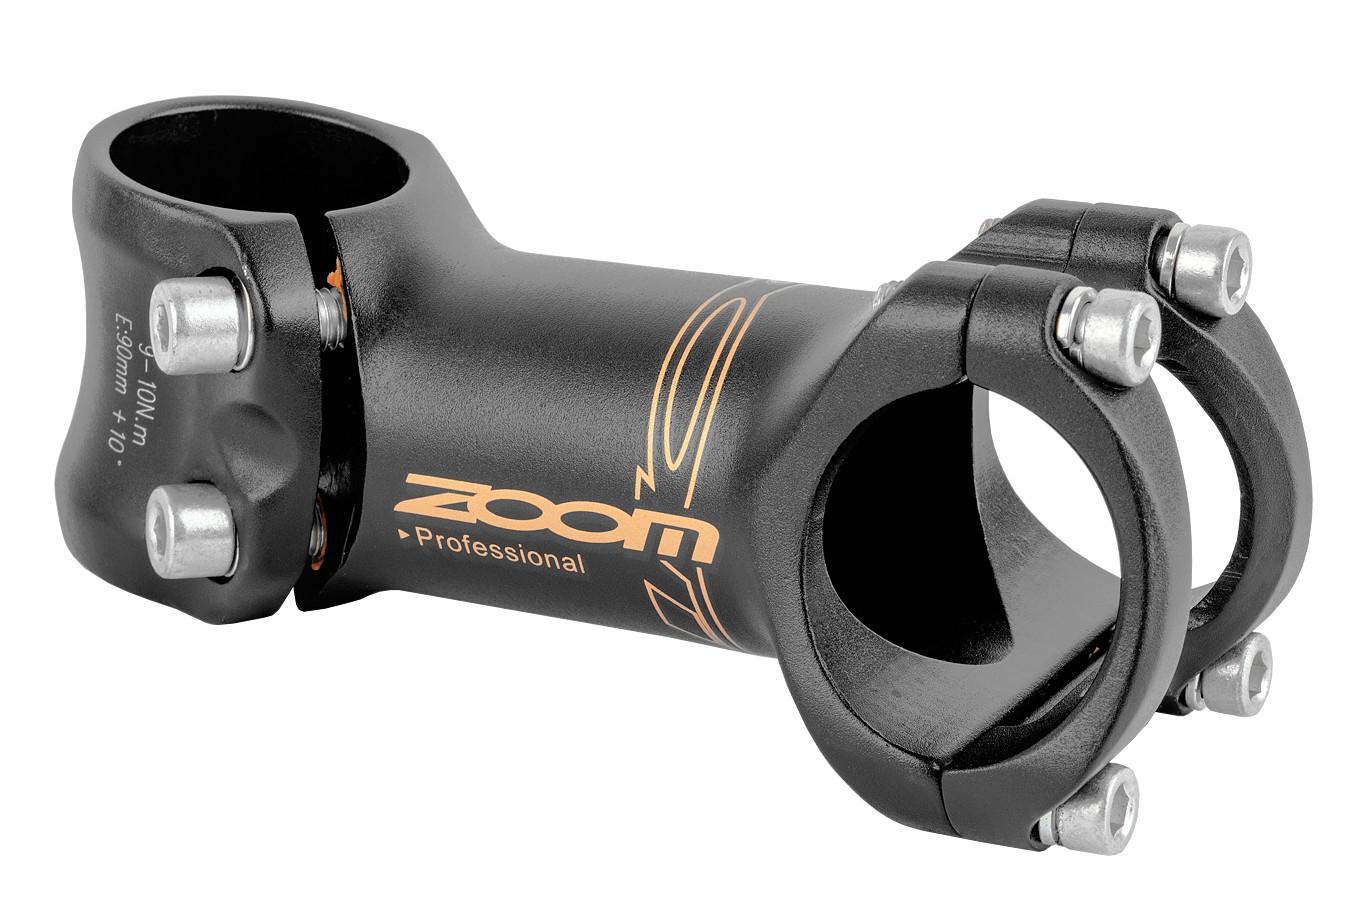 Suporte Guidão AHS Alumínio 31,8mm D407 - Zoom